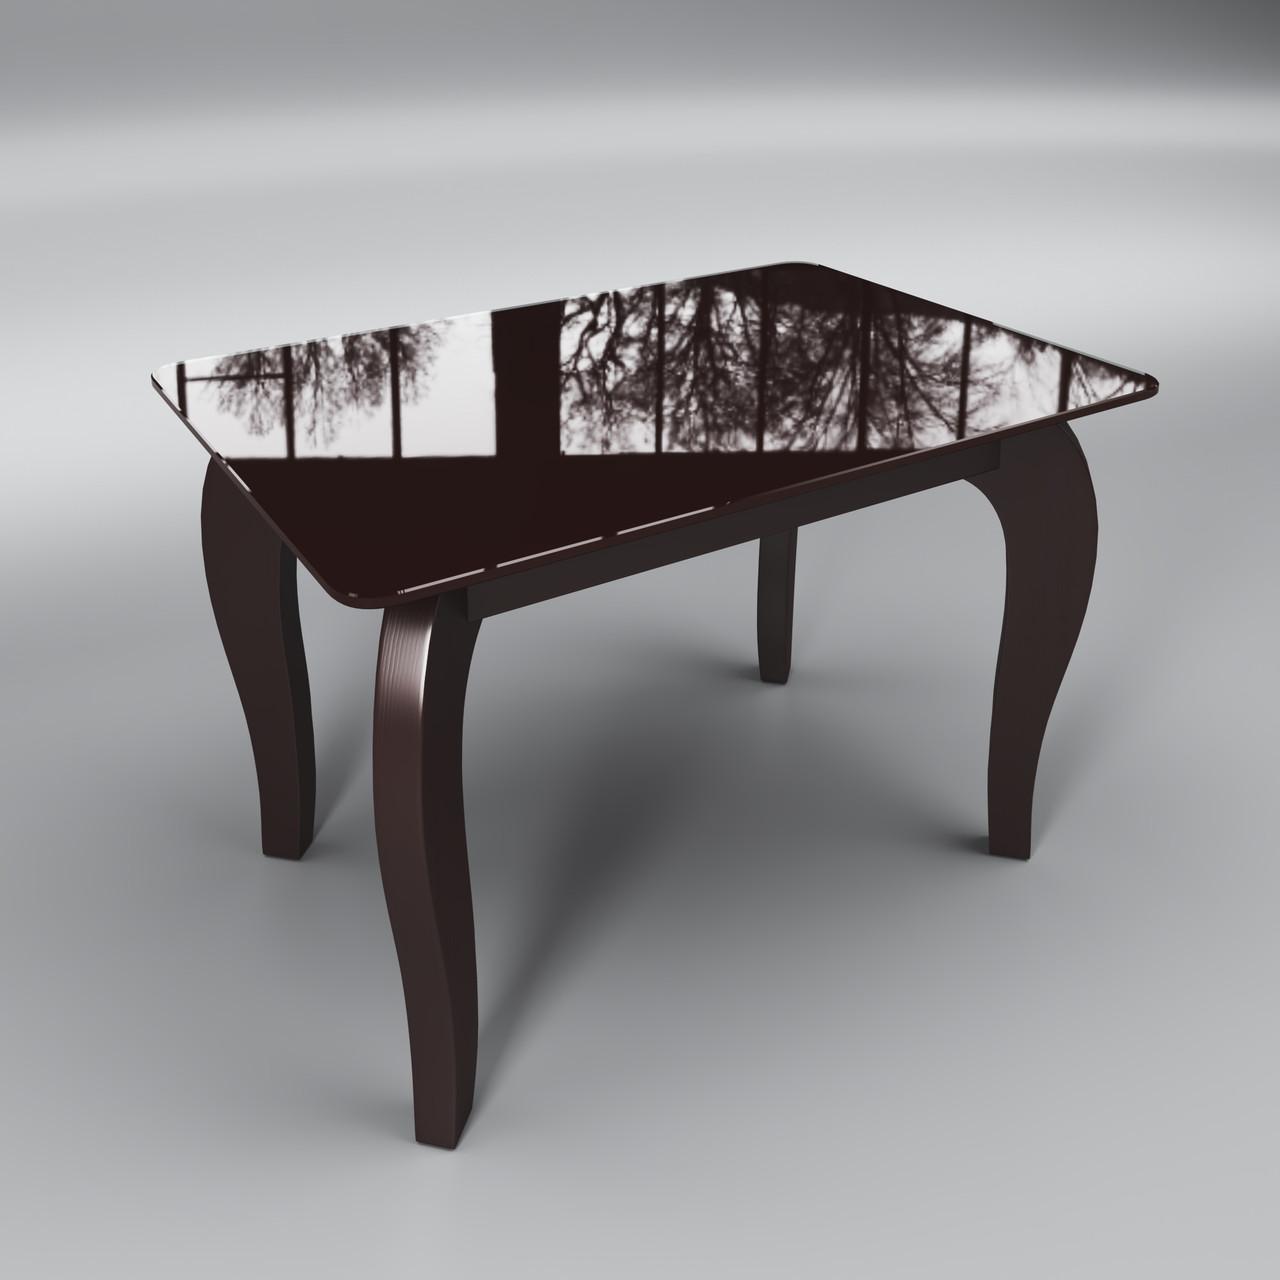 Стеклянный стол Император мини (журнальный) коричневый